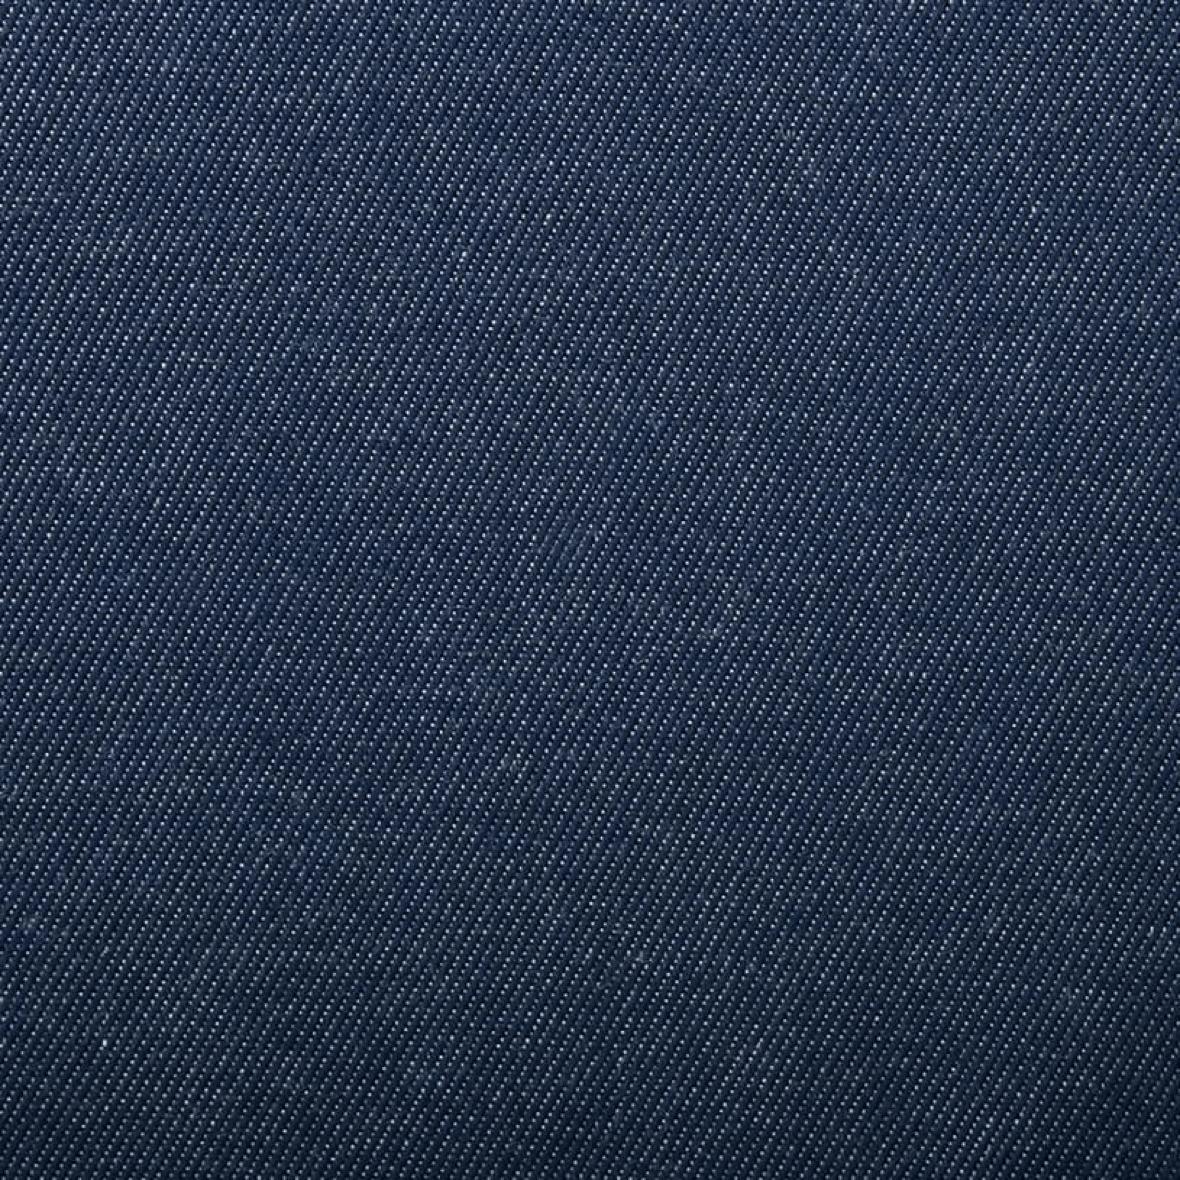 G-1045 ドレープH 1.5 S 200*160 標準縫製1.5倍ヒダ オーダーカーテン0